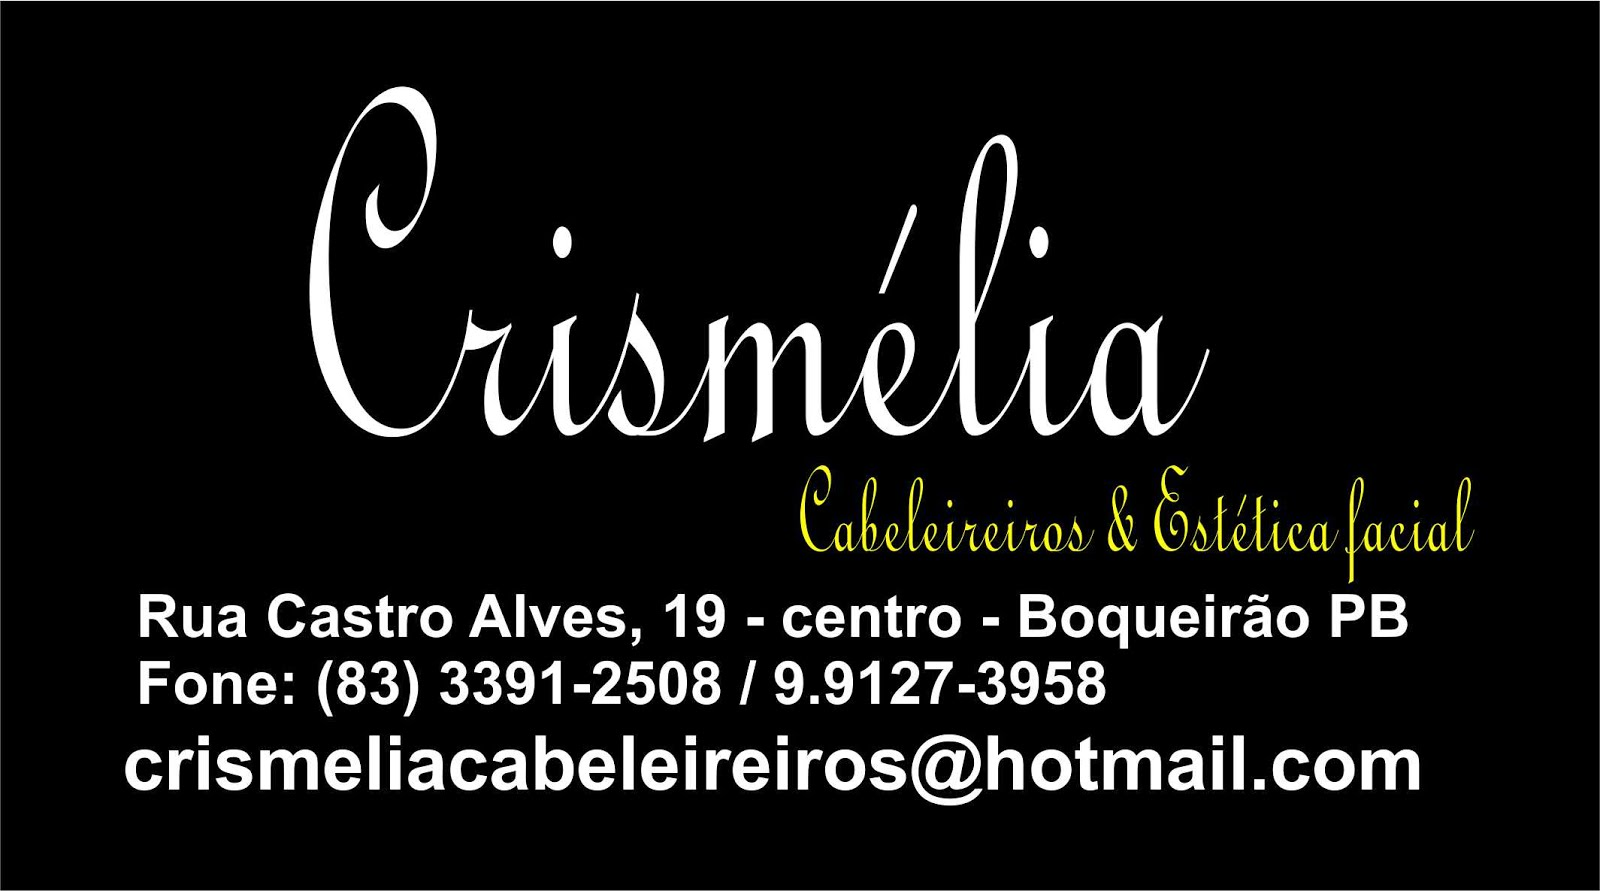 Clismélia Cabeleiriera